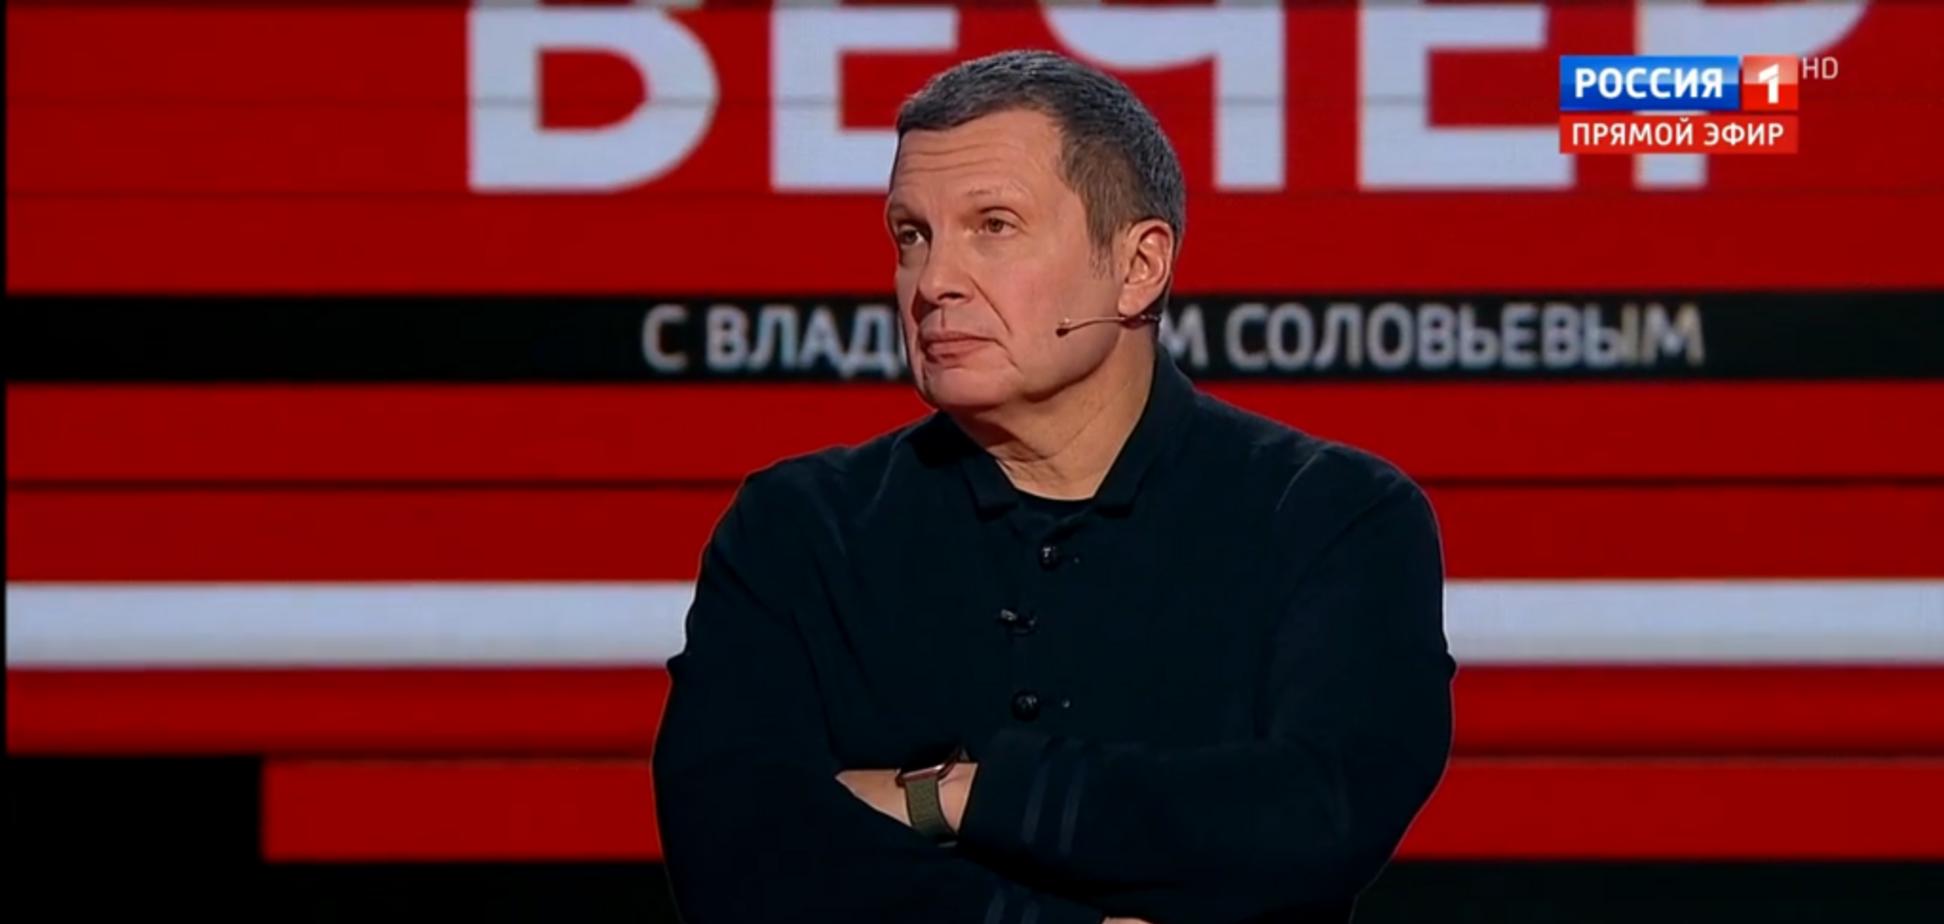 Соловйов поскаржився на дороге життя в Росії